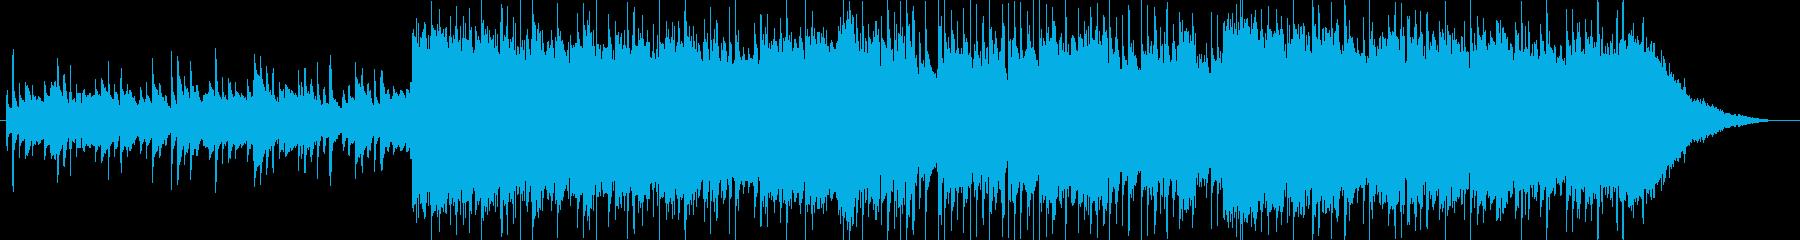 琴、尺八、三味線、切なく壮大な和風曲3の再生済みの波形